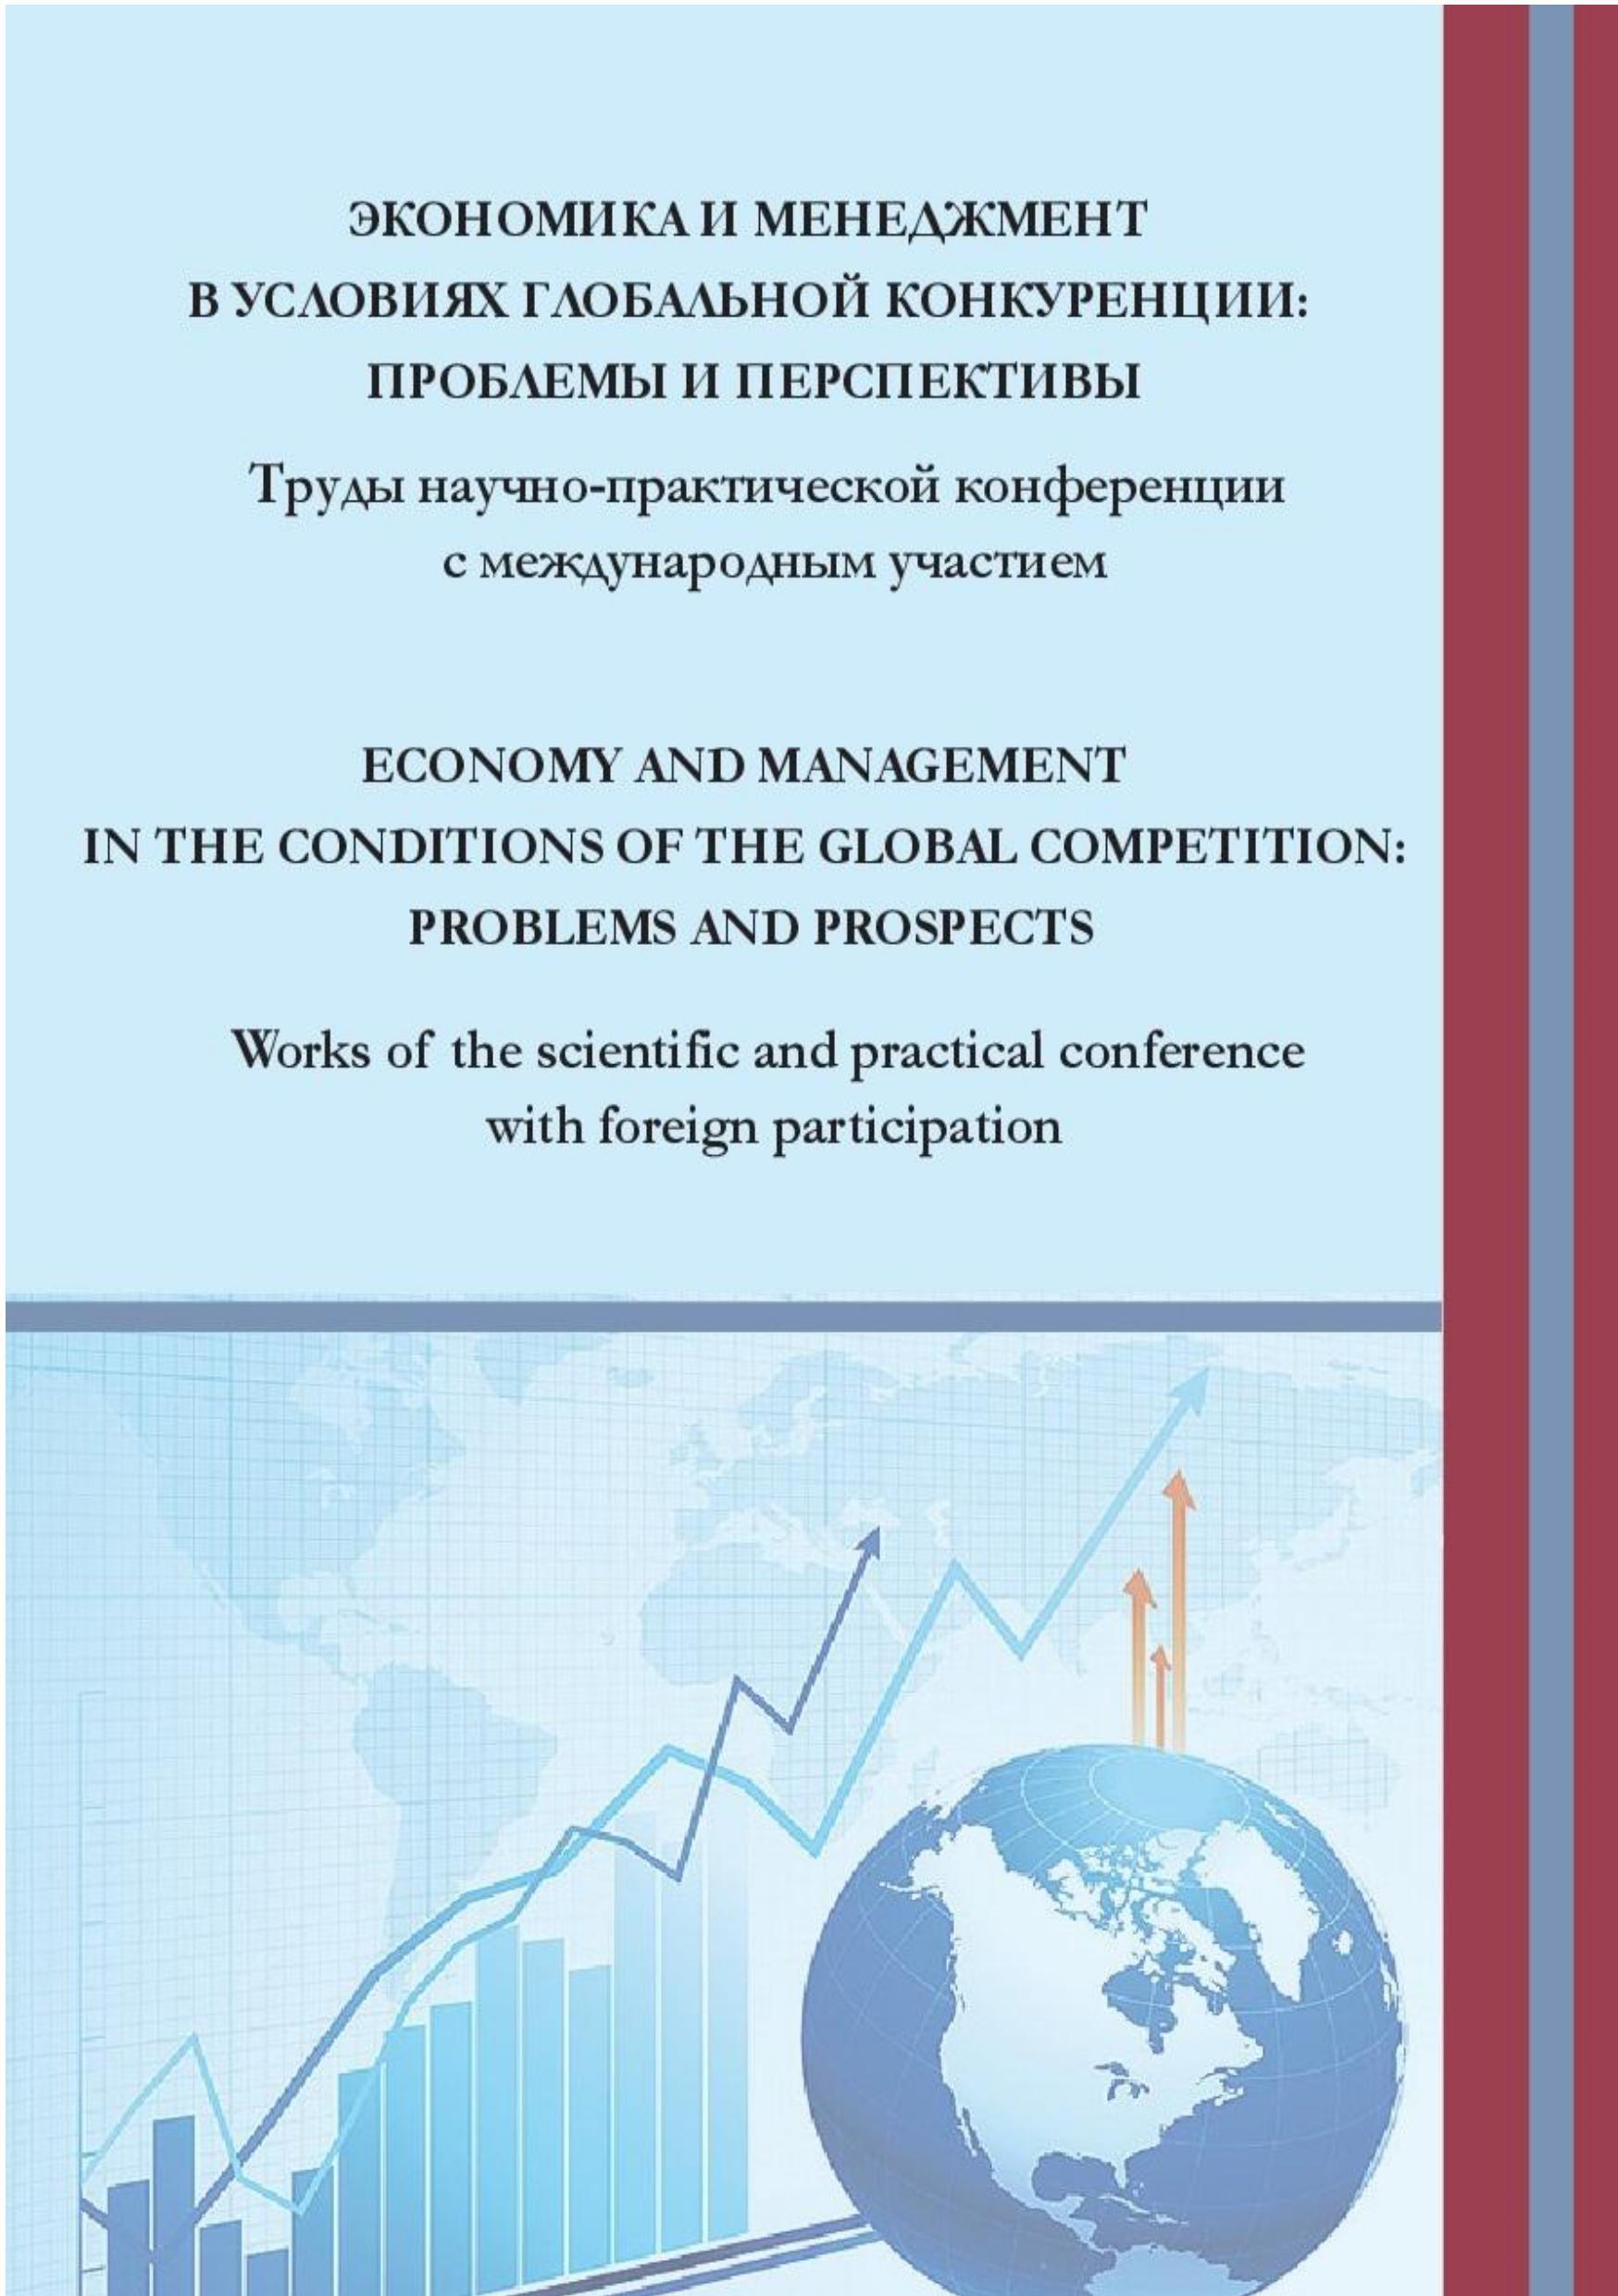 Регрессионный анализ эффективности администрирования НДС в странах мира